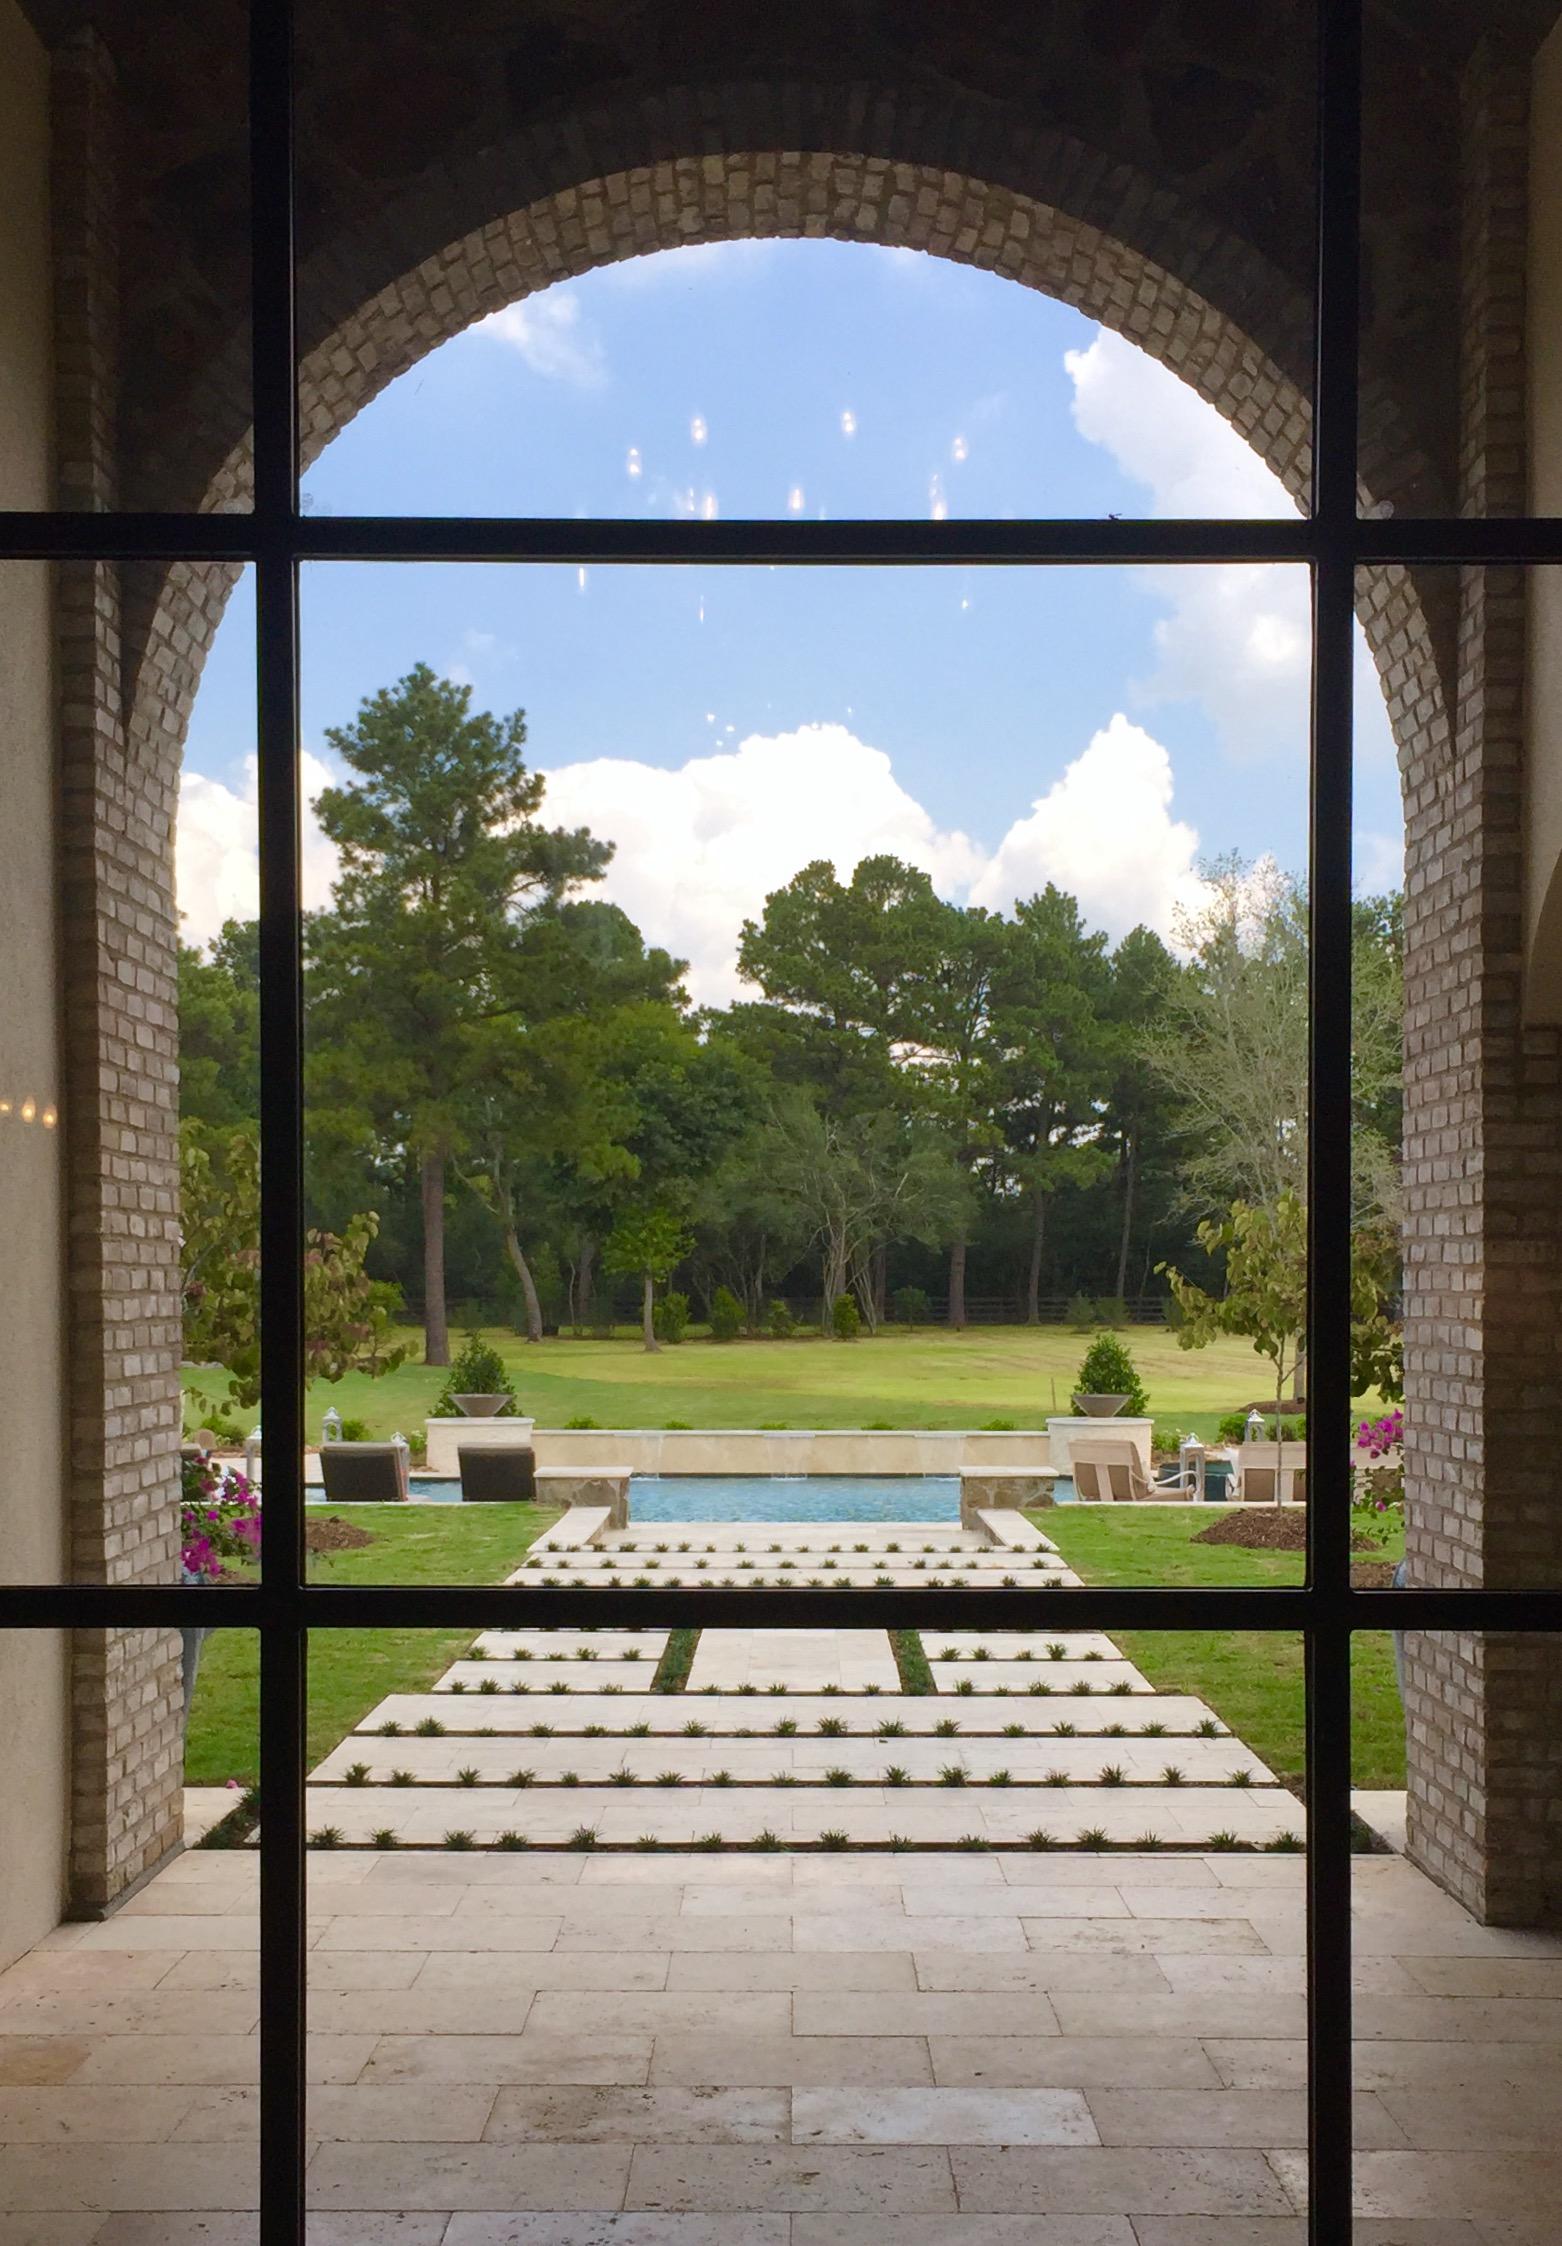 Outdoor grounds designed by Smelek Design